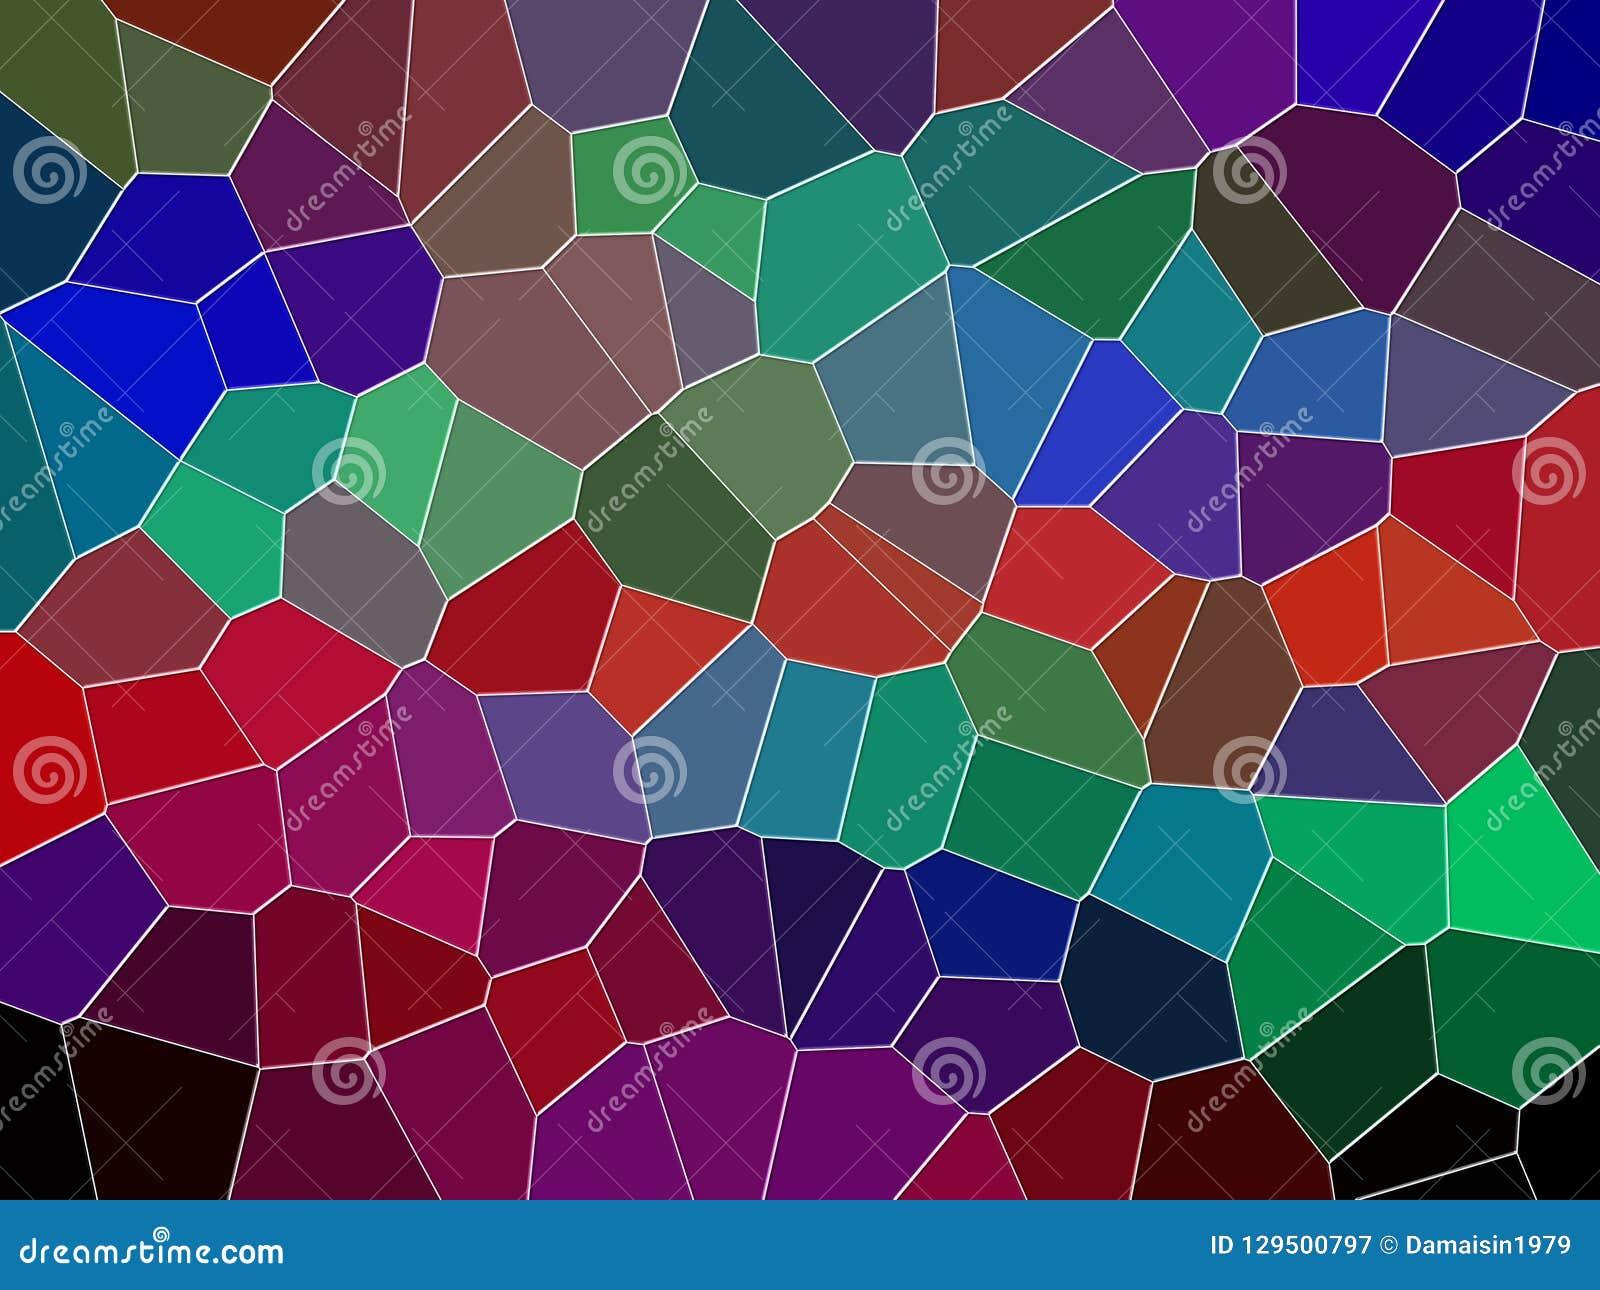 Πορφυρό σκούρο κόκκινο πράσινο υπόβαθρο γεωμετρίας, γραφική παράσταση, αφηρημένες υπόβαθρο και σύσταση